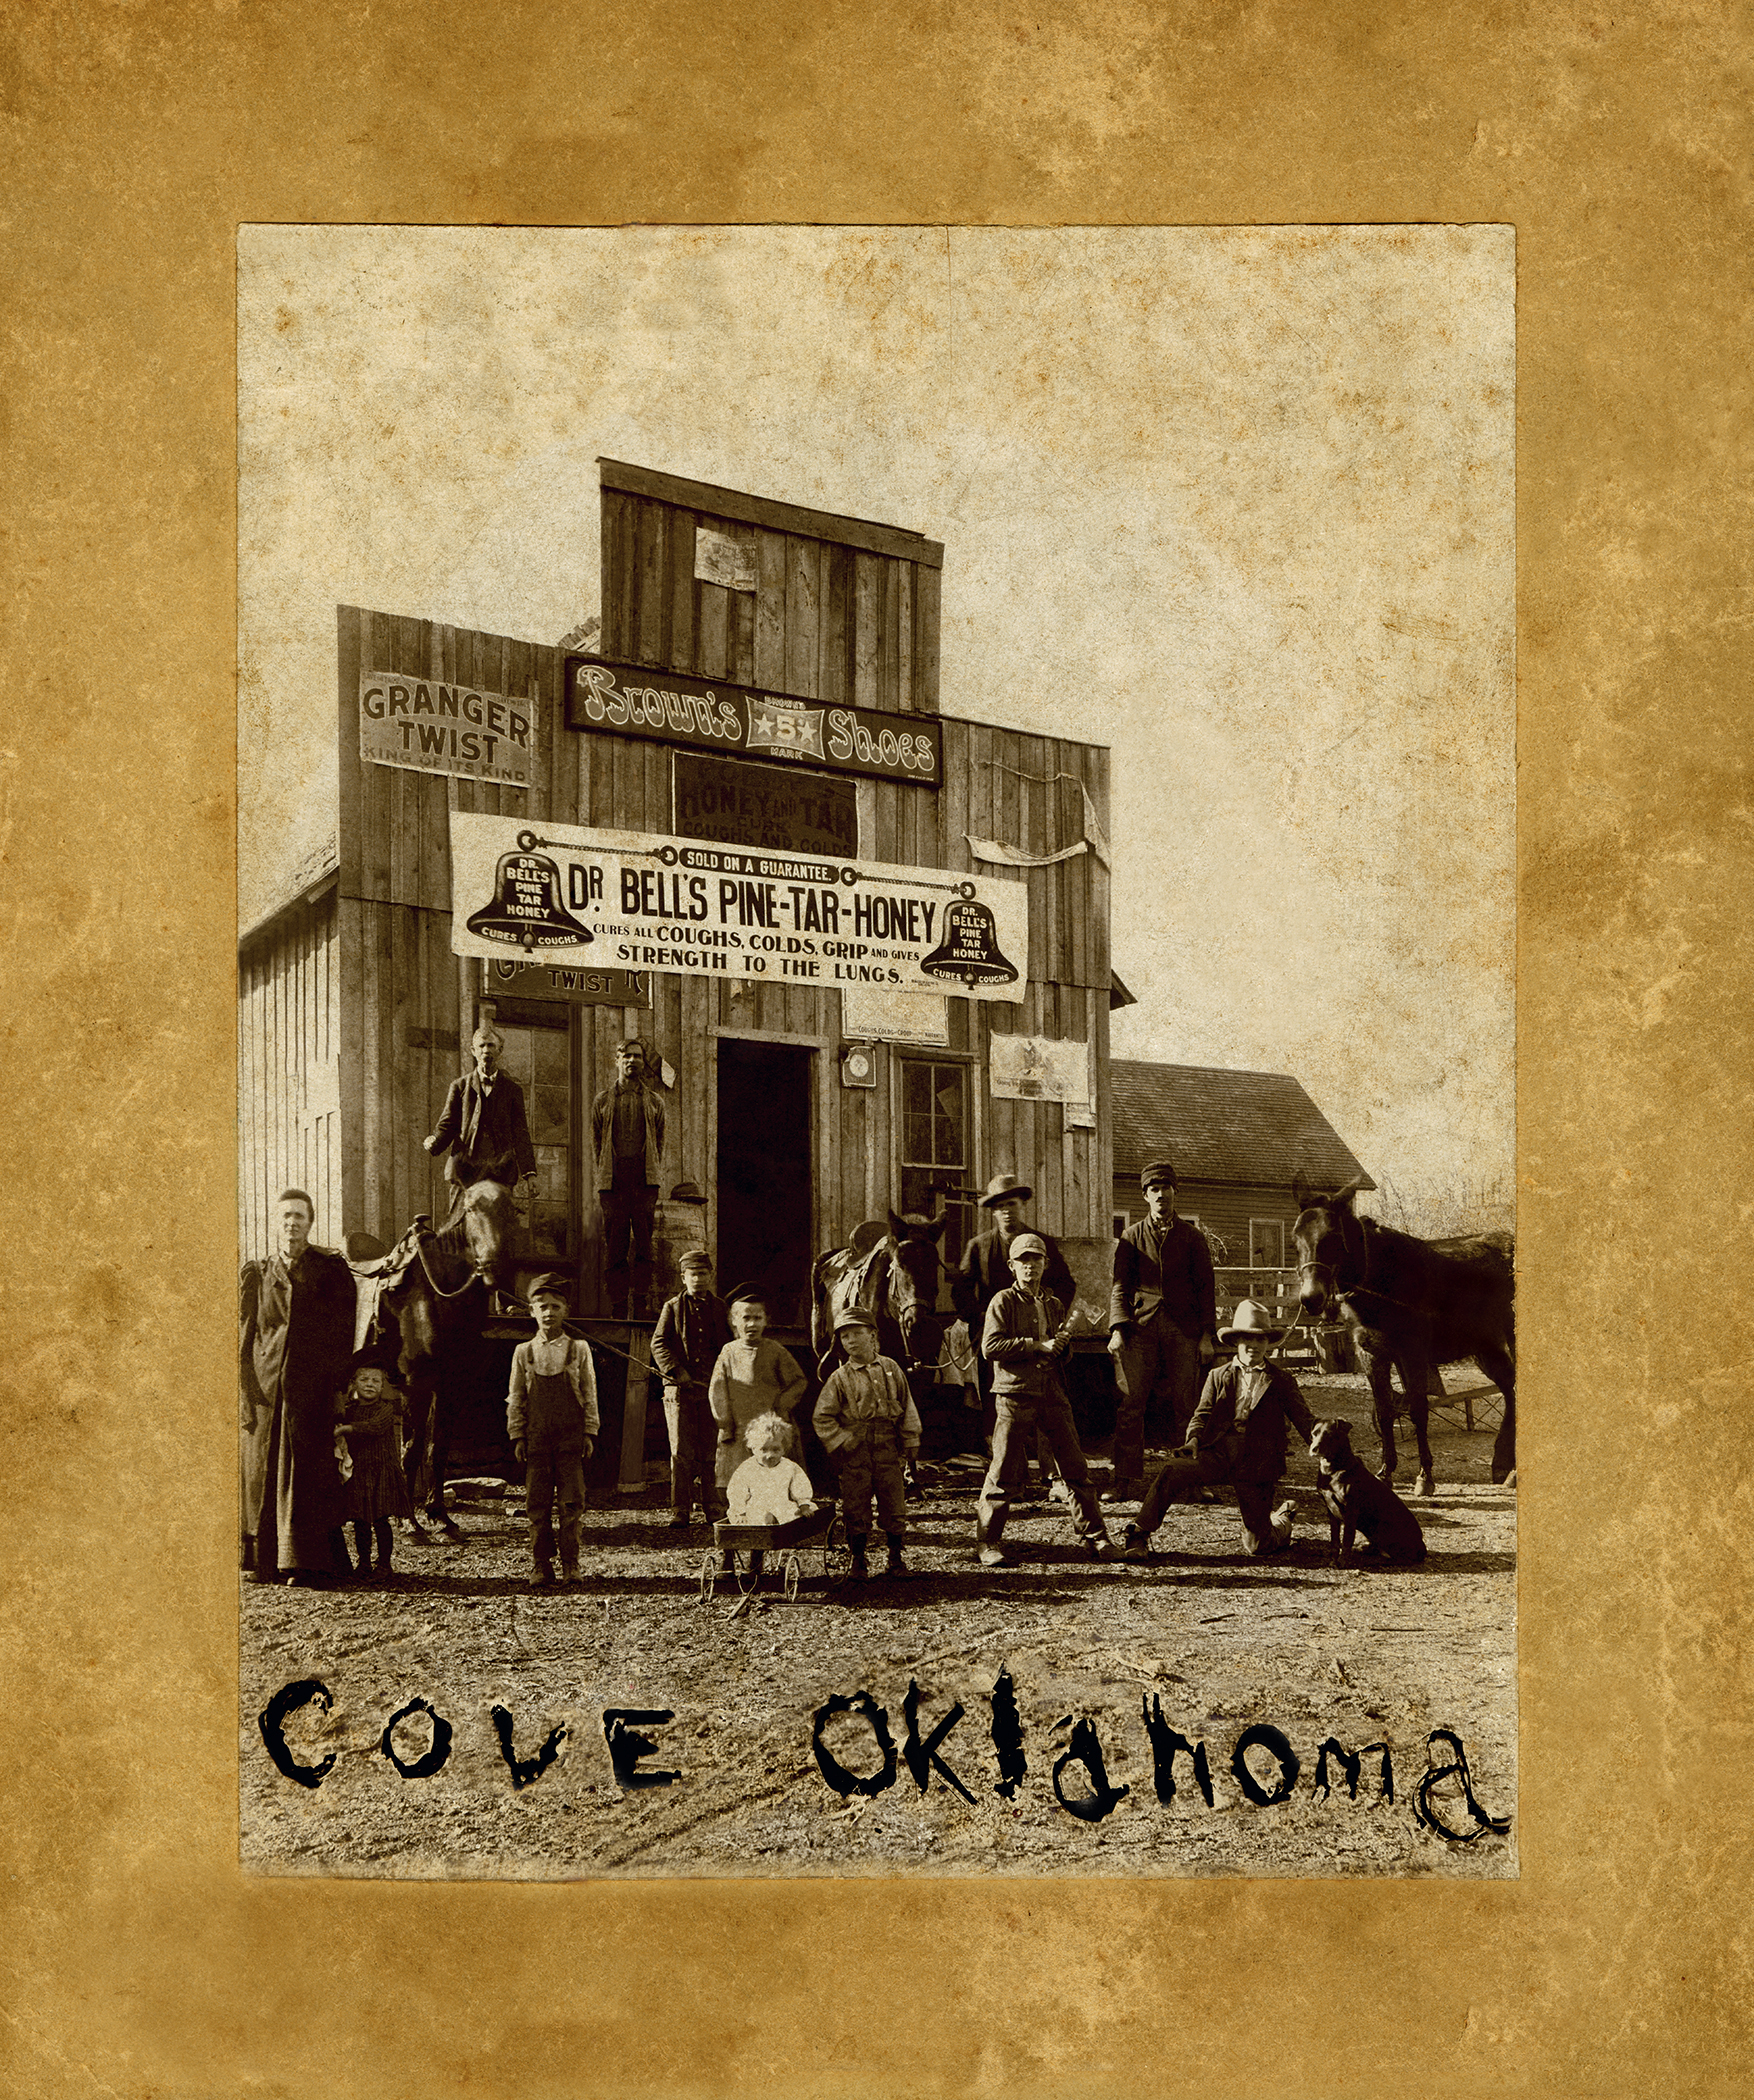 Cove Oklahoma FINAL.jpg